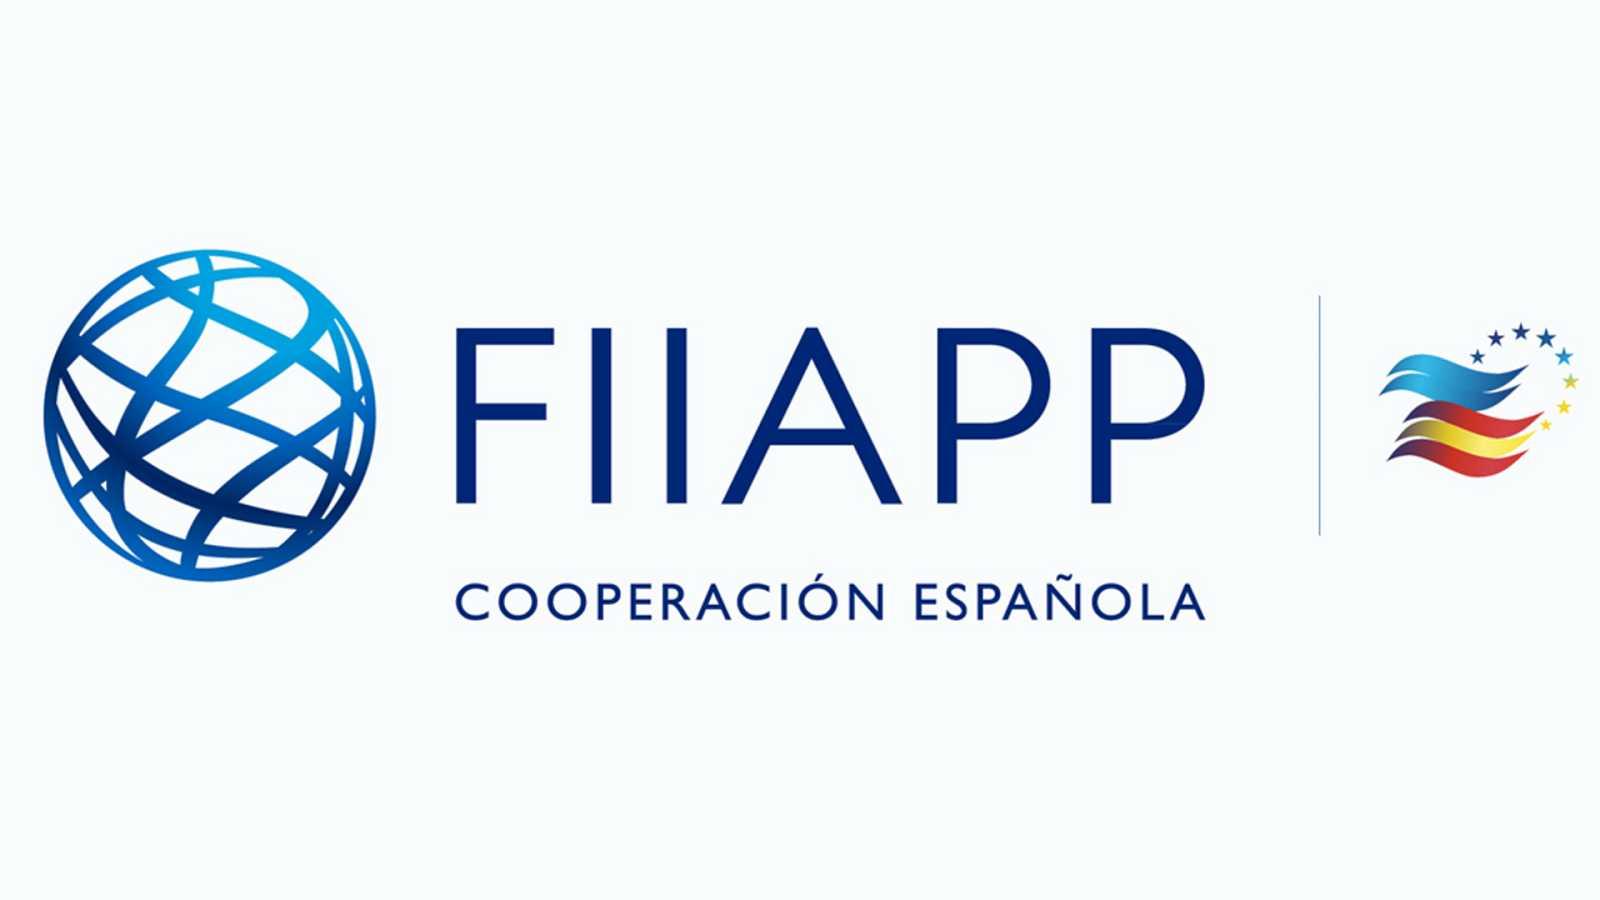 Cooperación pública en el mundo (FIAPP) - La Transición Justa contra el cambio climático - 03/02/21 - escuchar ahora